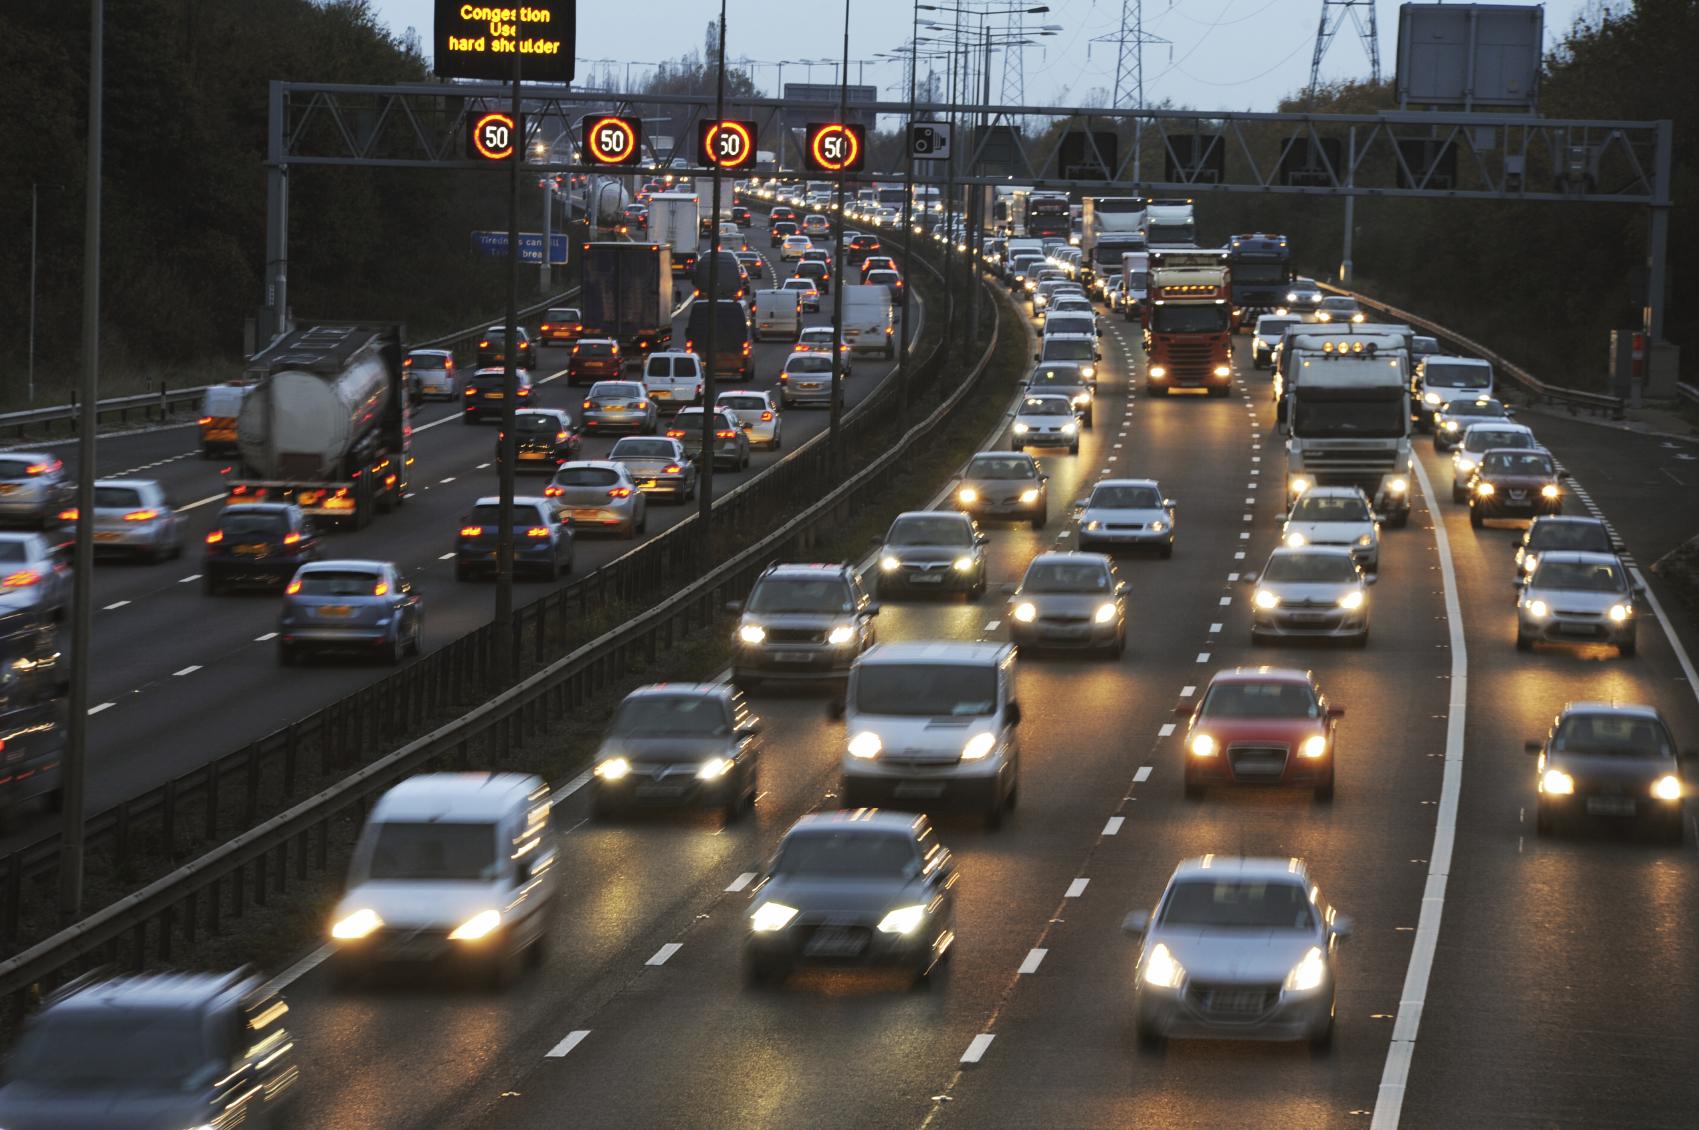 Rush hour traffic. (stock image)